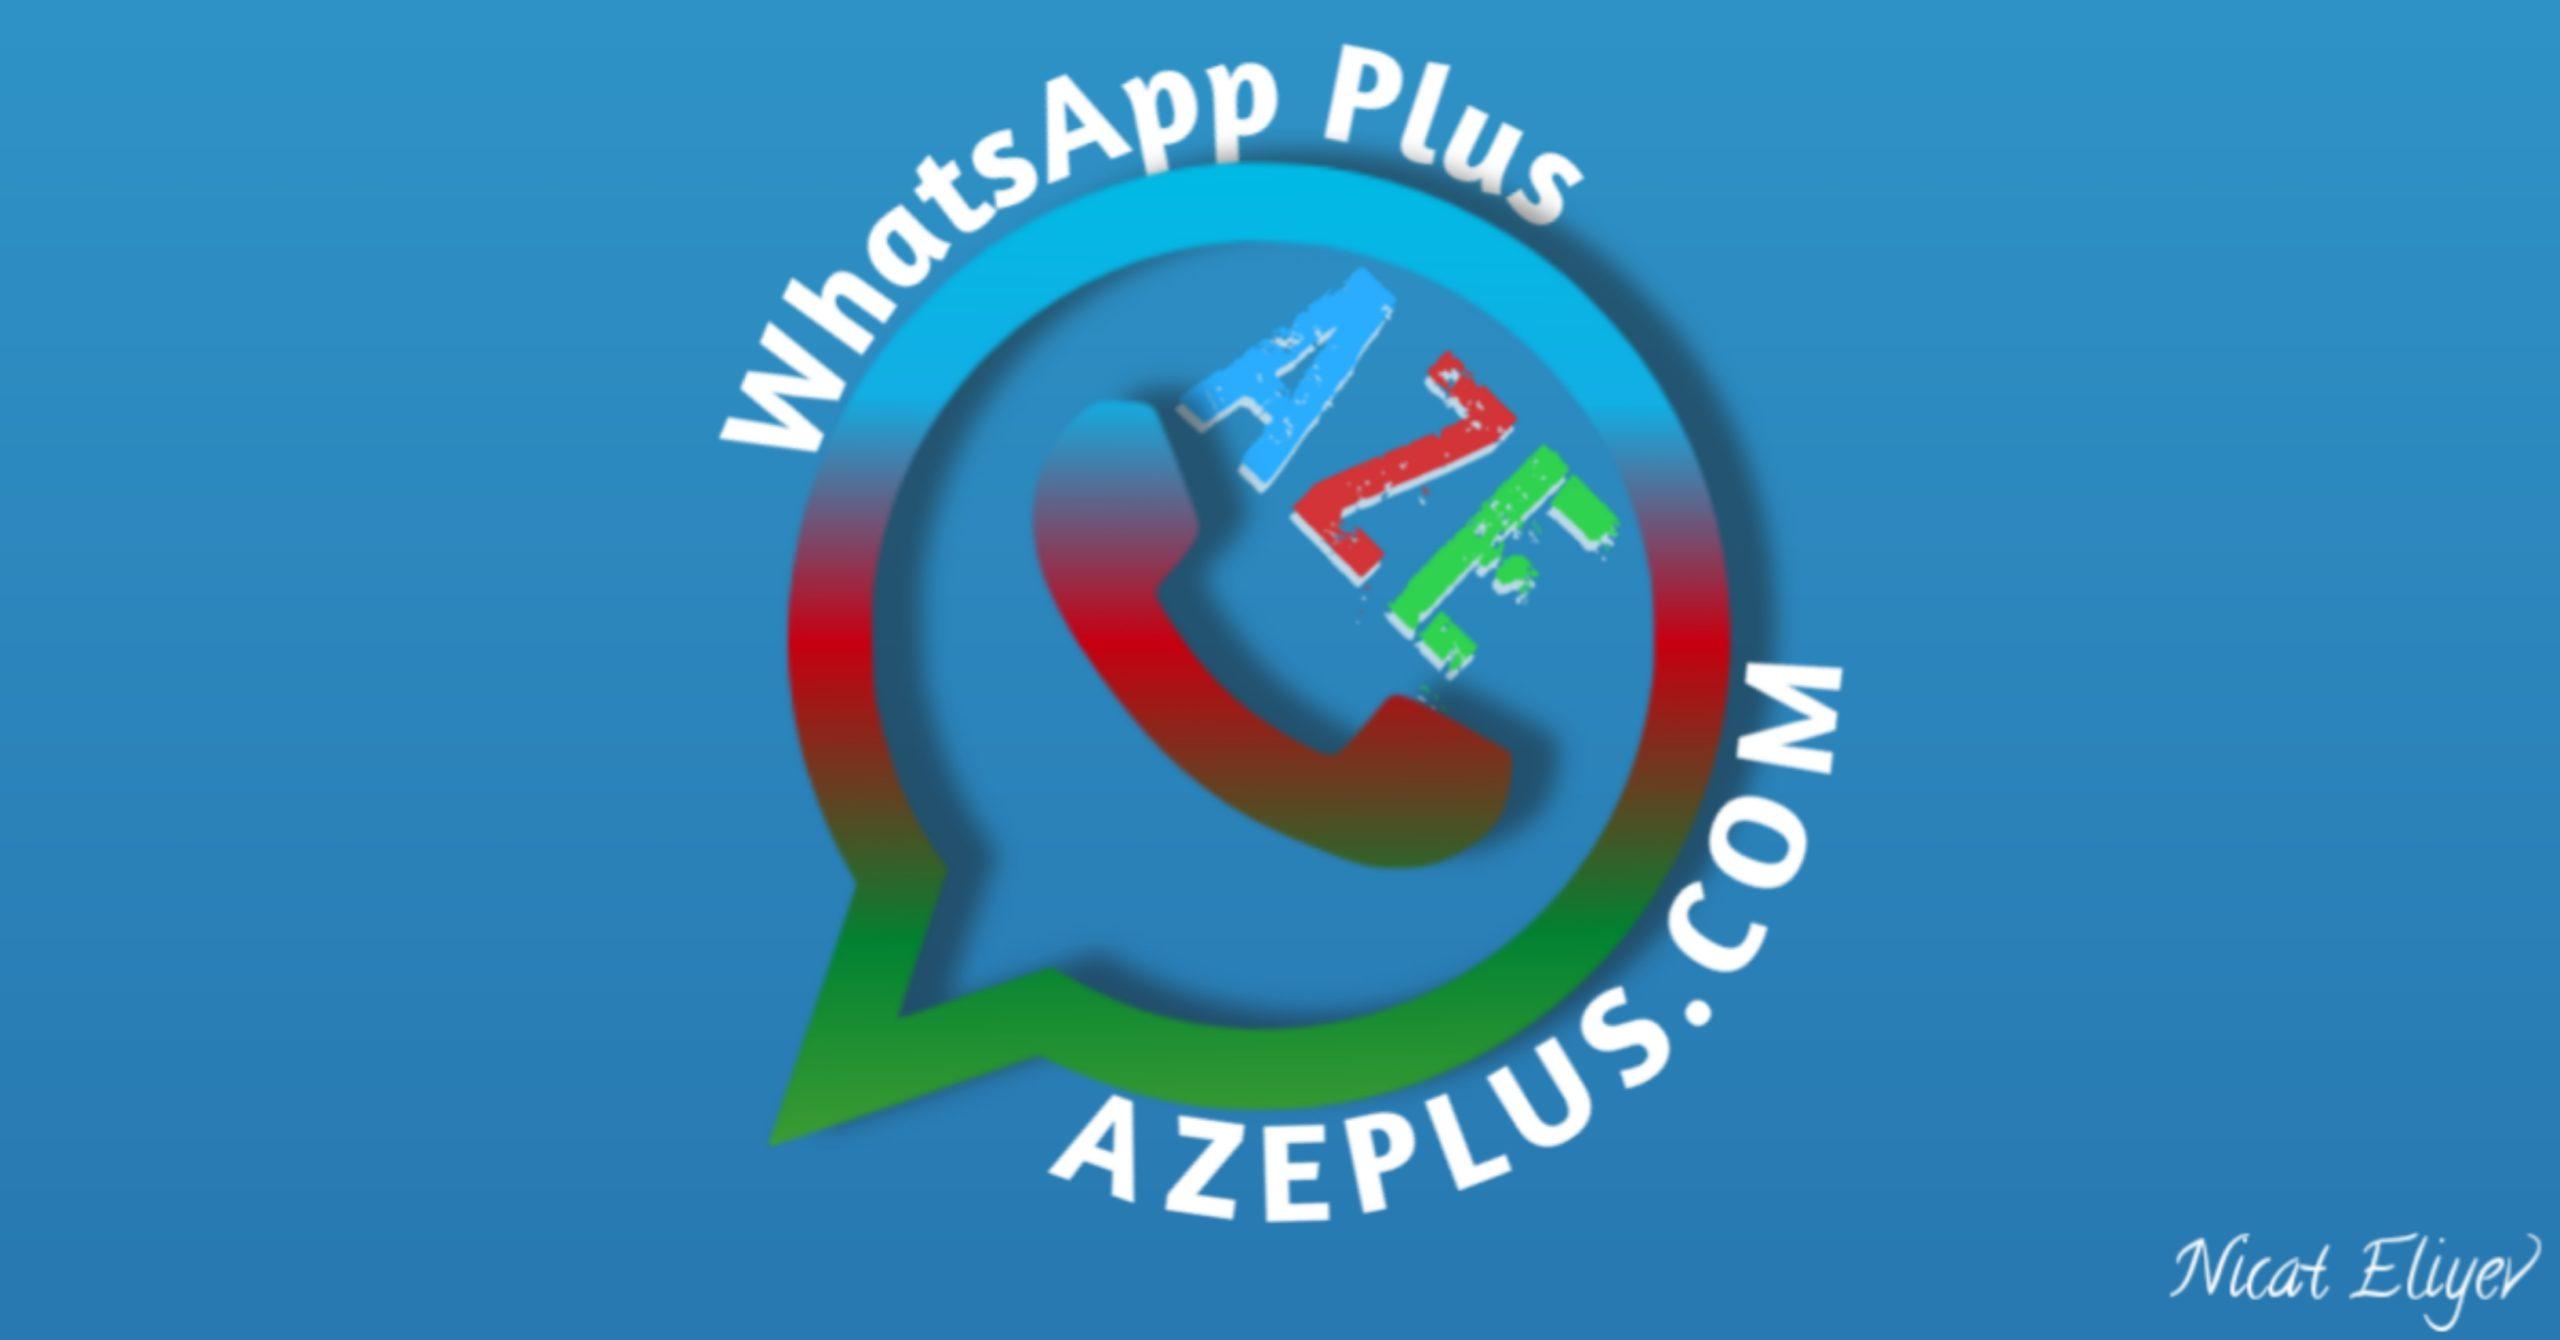 Whatsapp Plus Yuklə 2021 V11 7 Aze Plus Yukle 2021